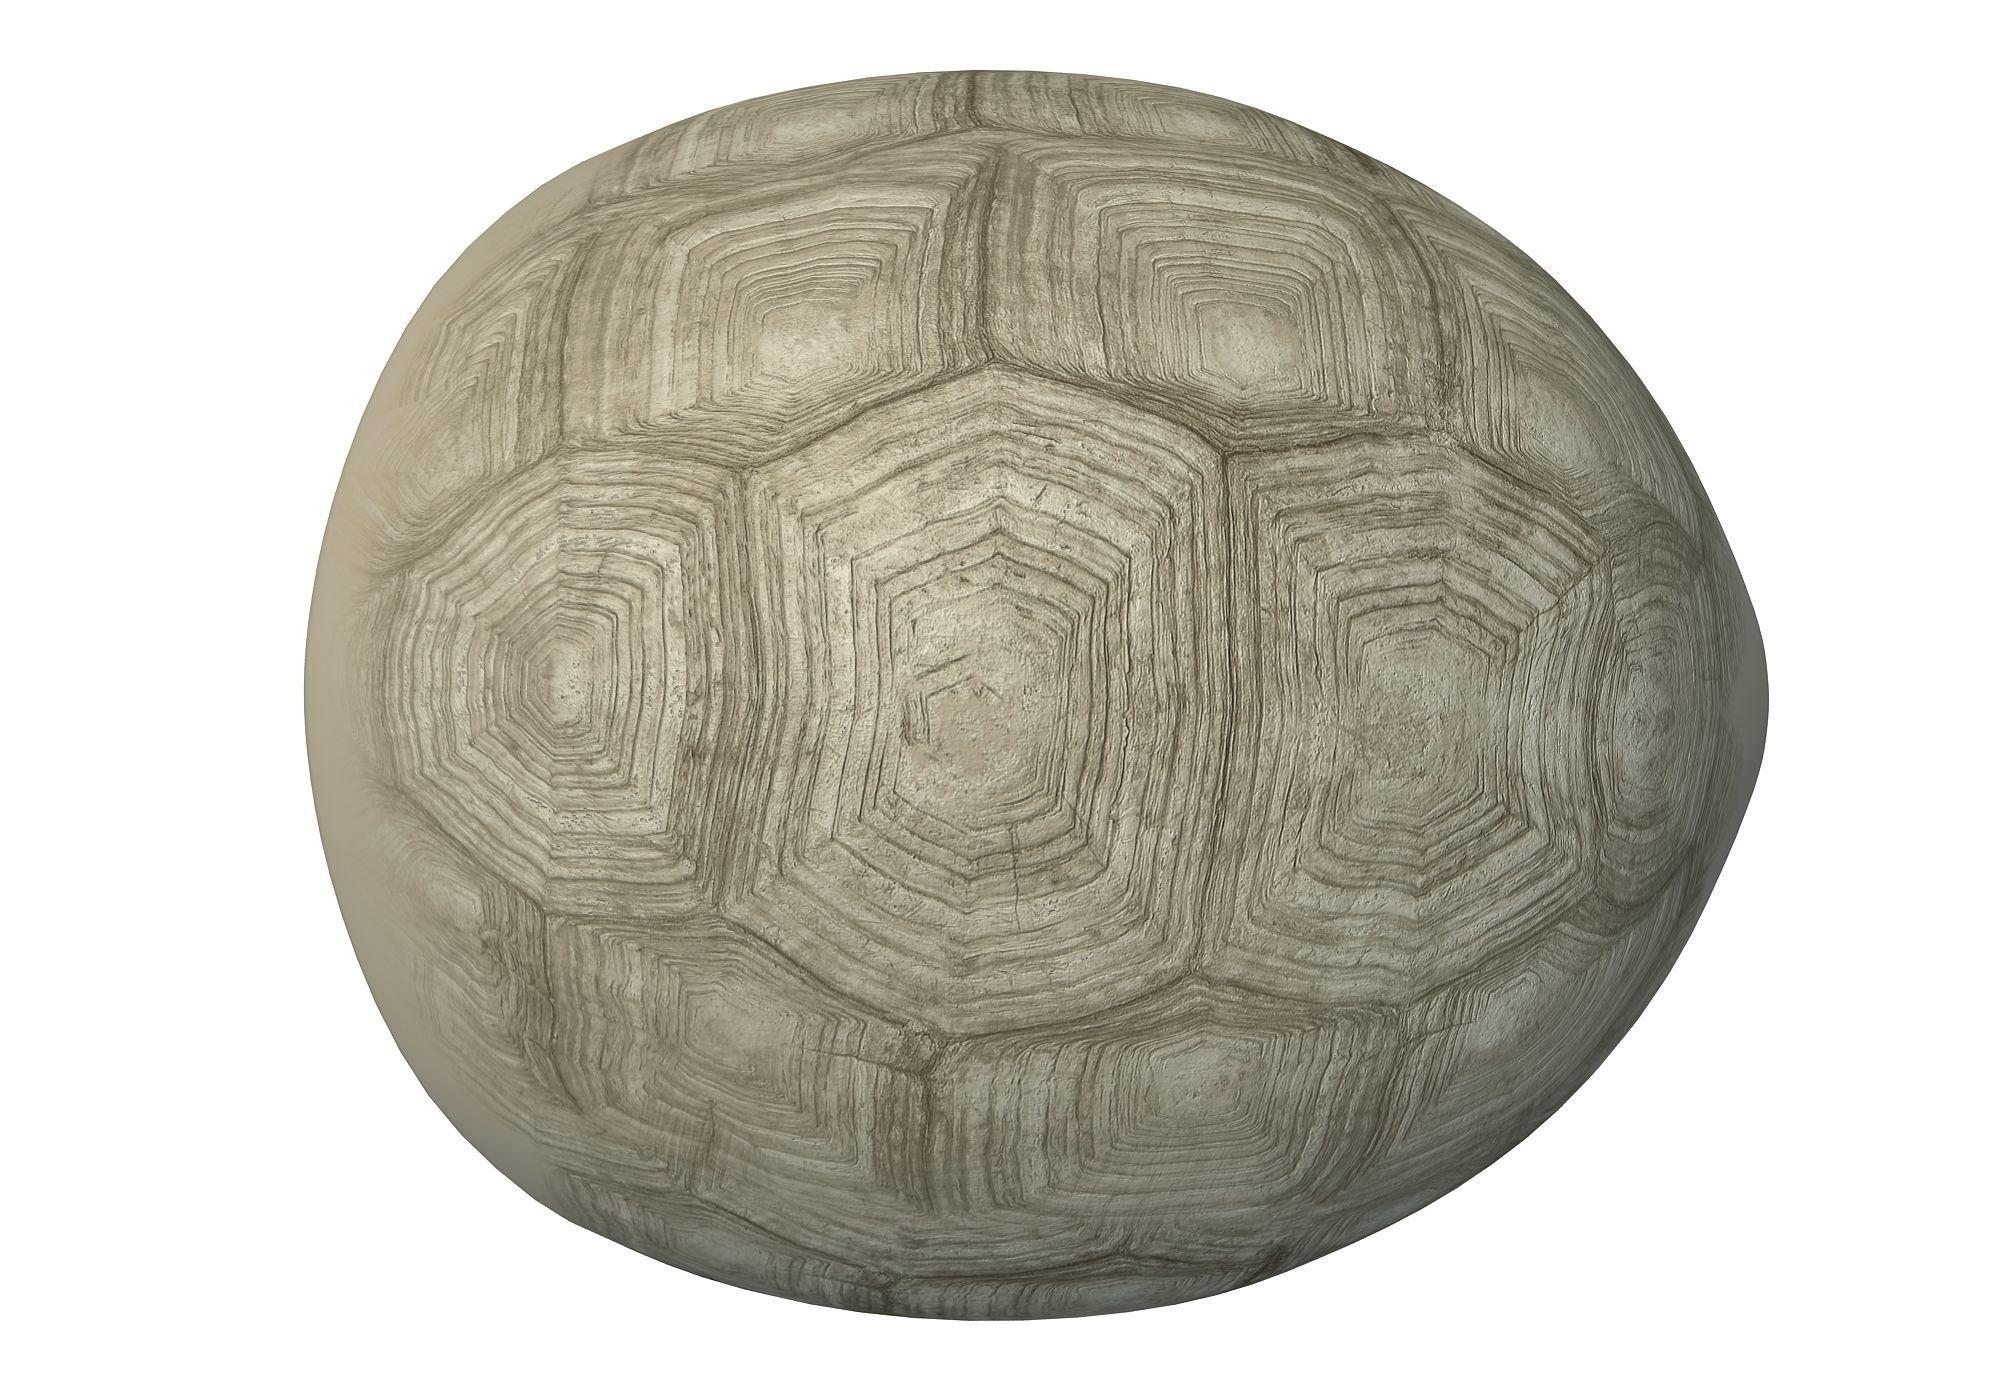 Tortoise Shell Skeleton 3d Asset Cgtrader